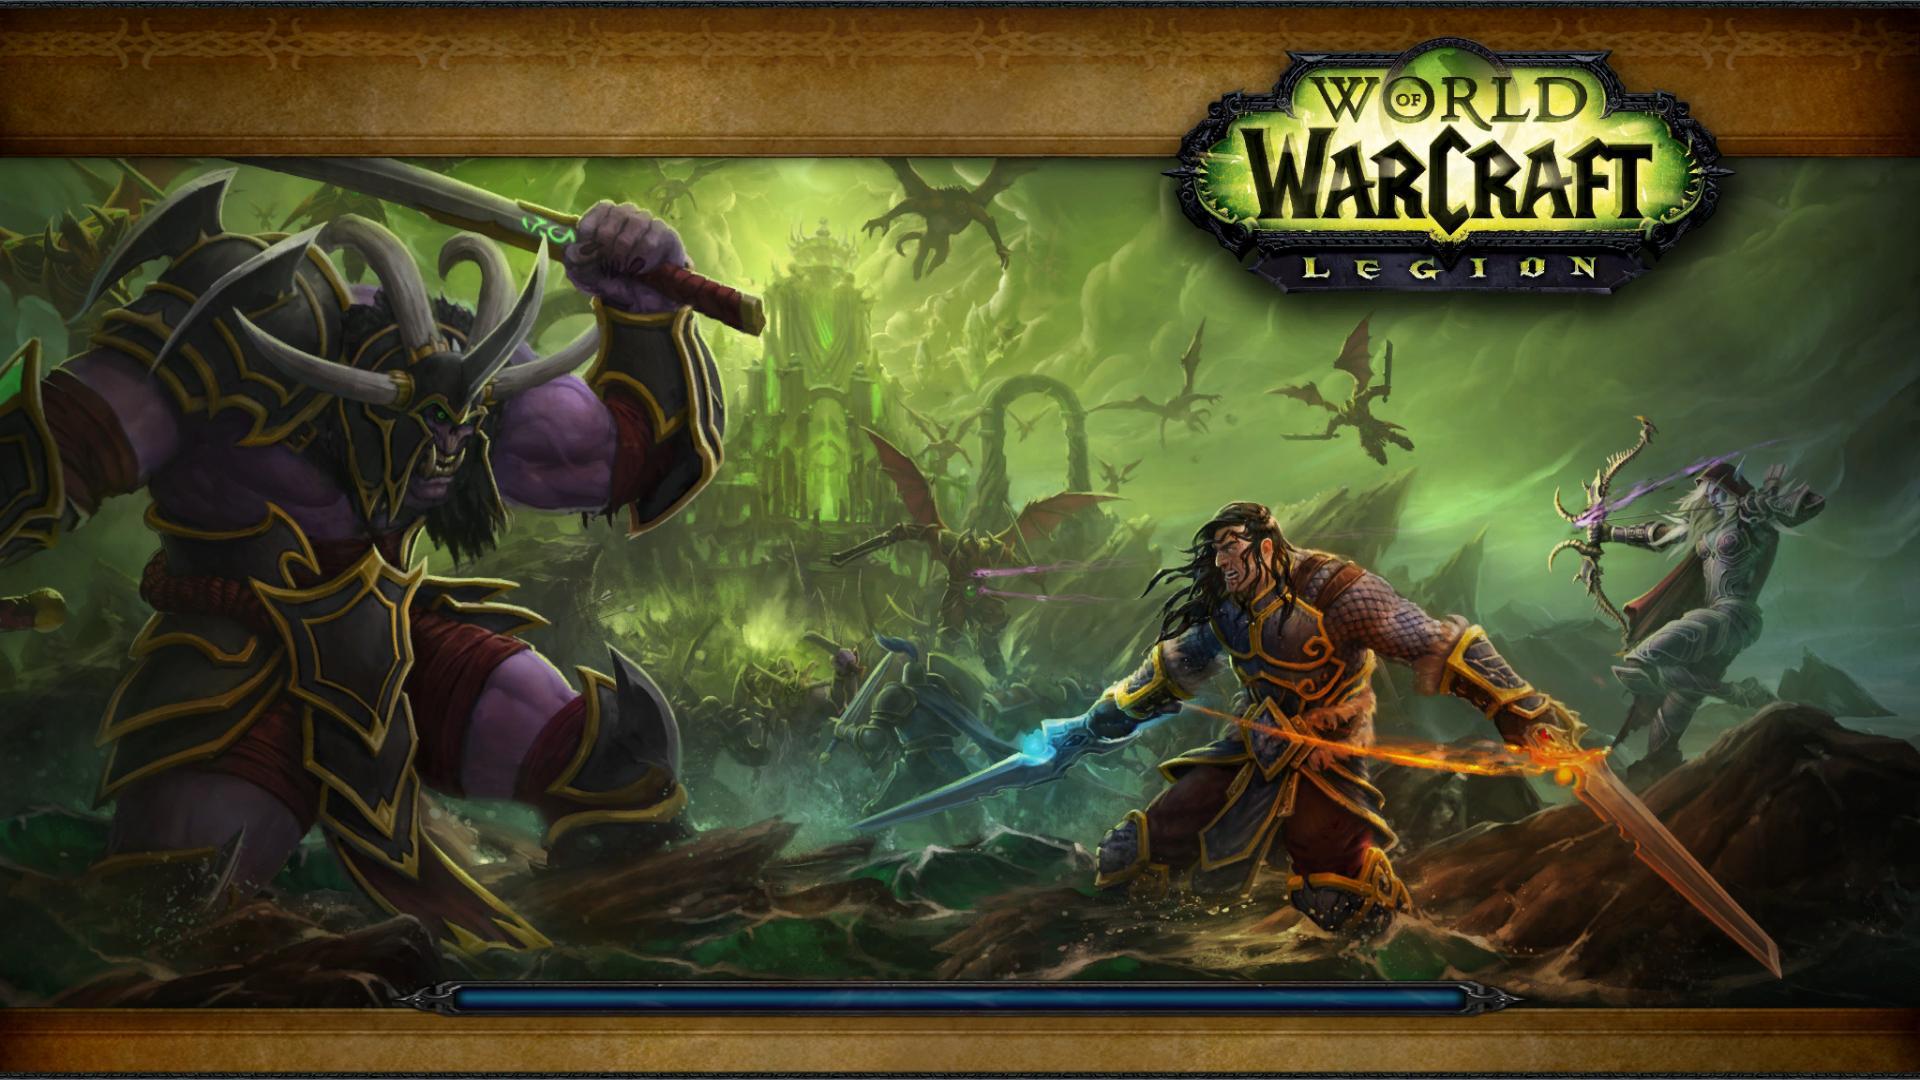 Владелец World of Warcraft приступил к блокированию крымских аккаунтов